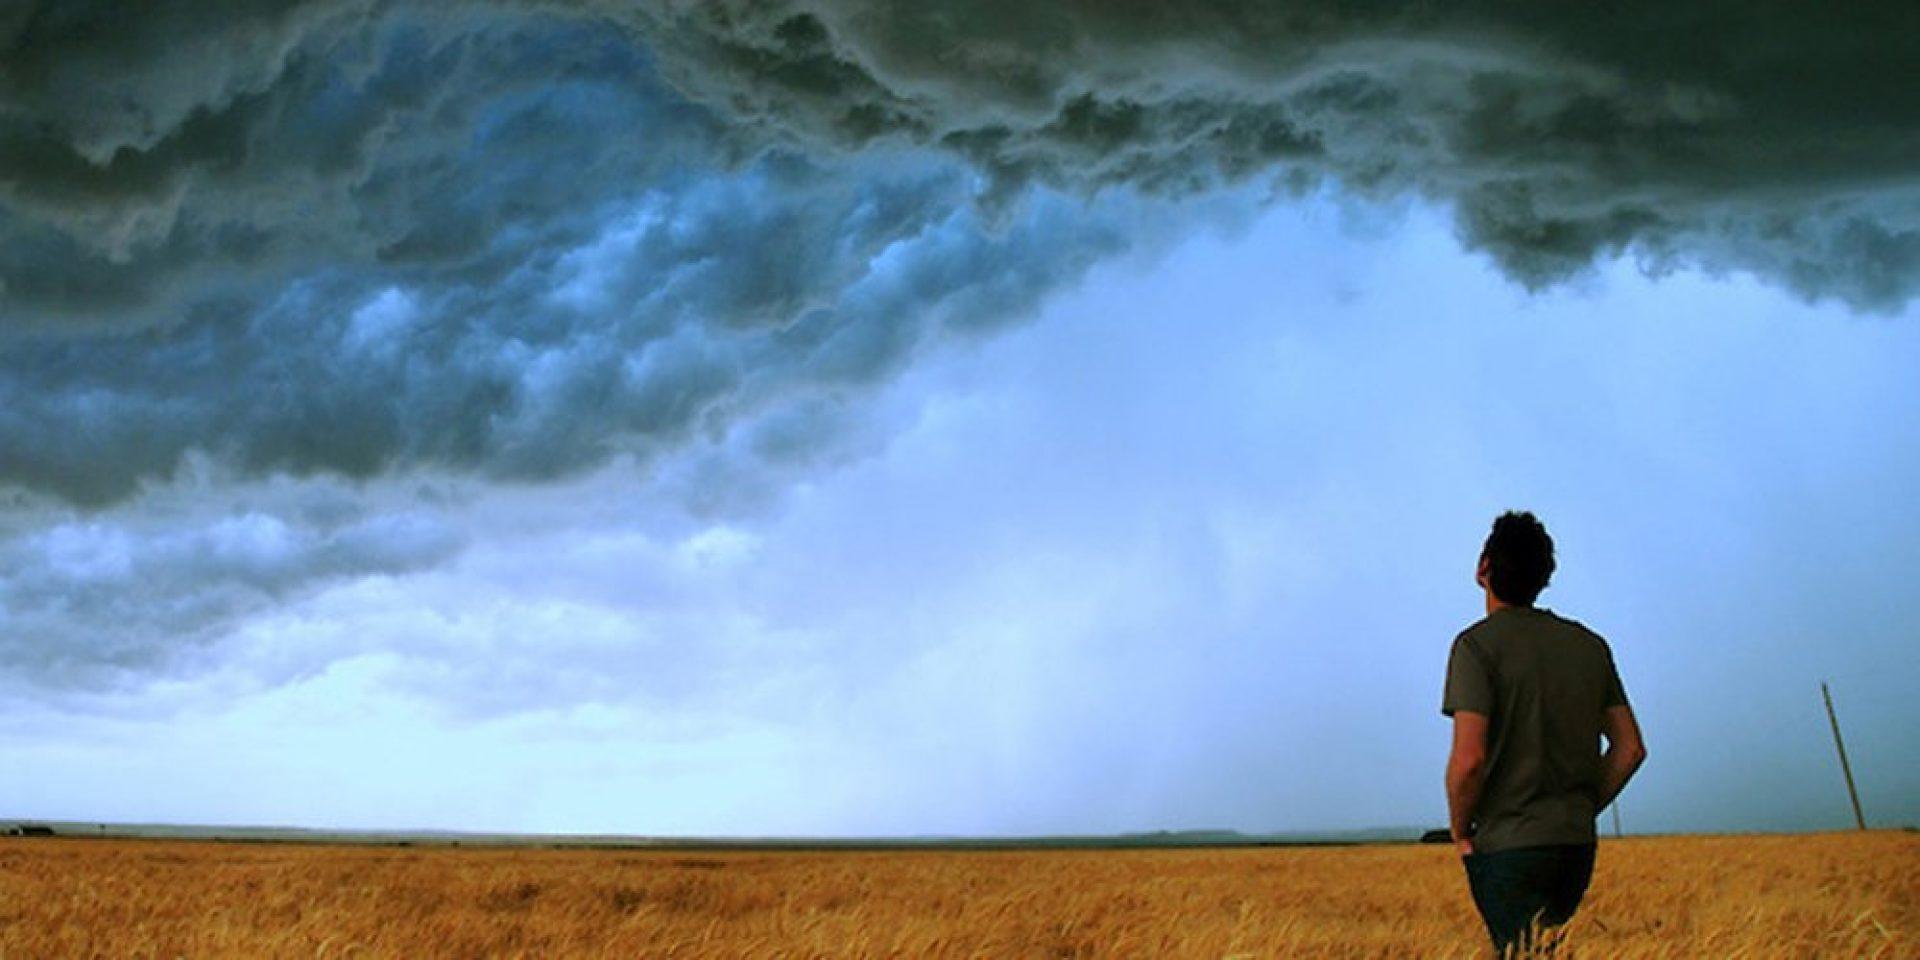 Stravon weather services